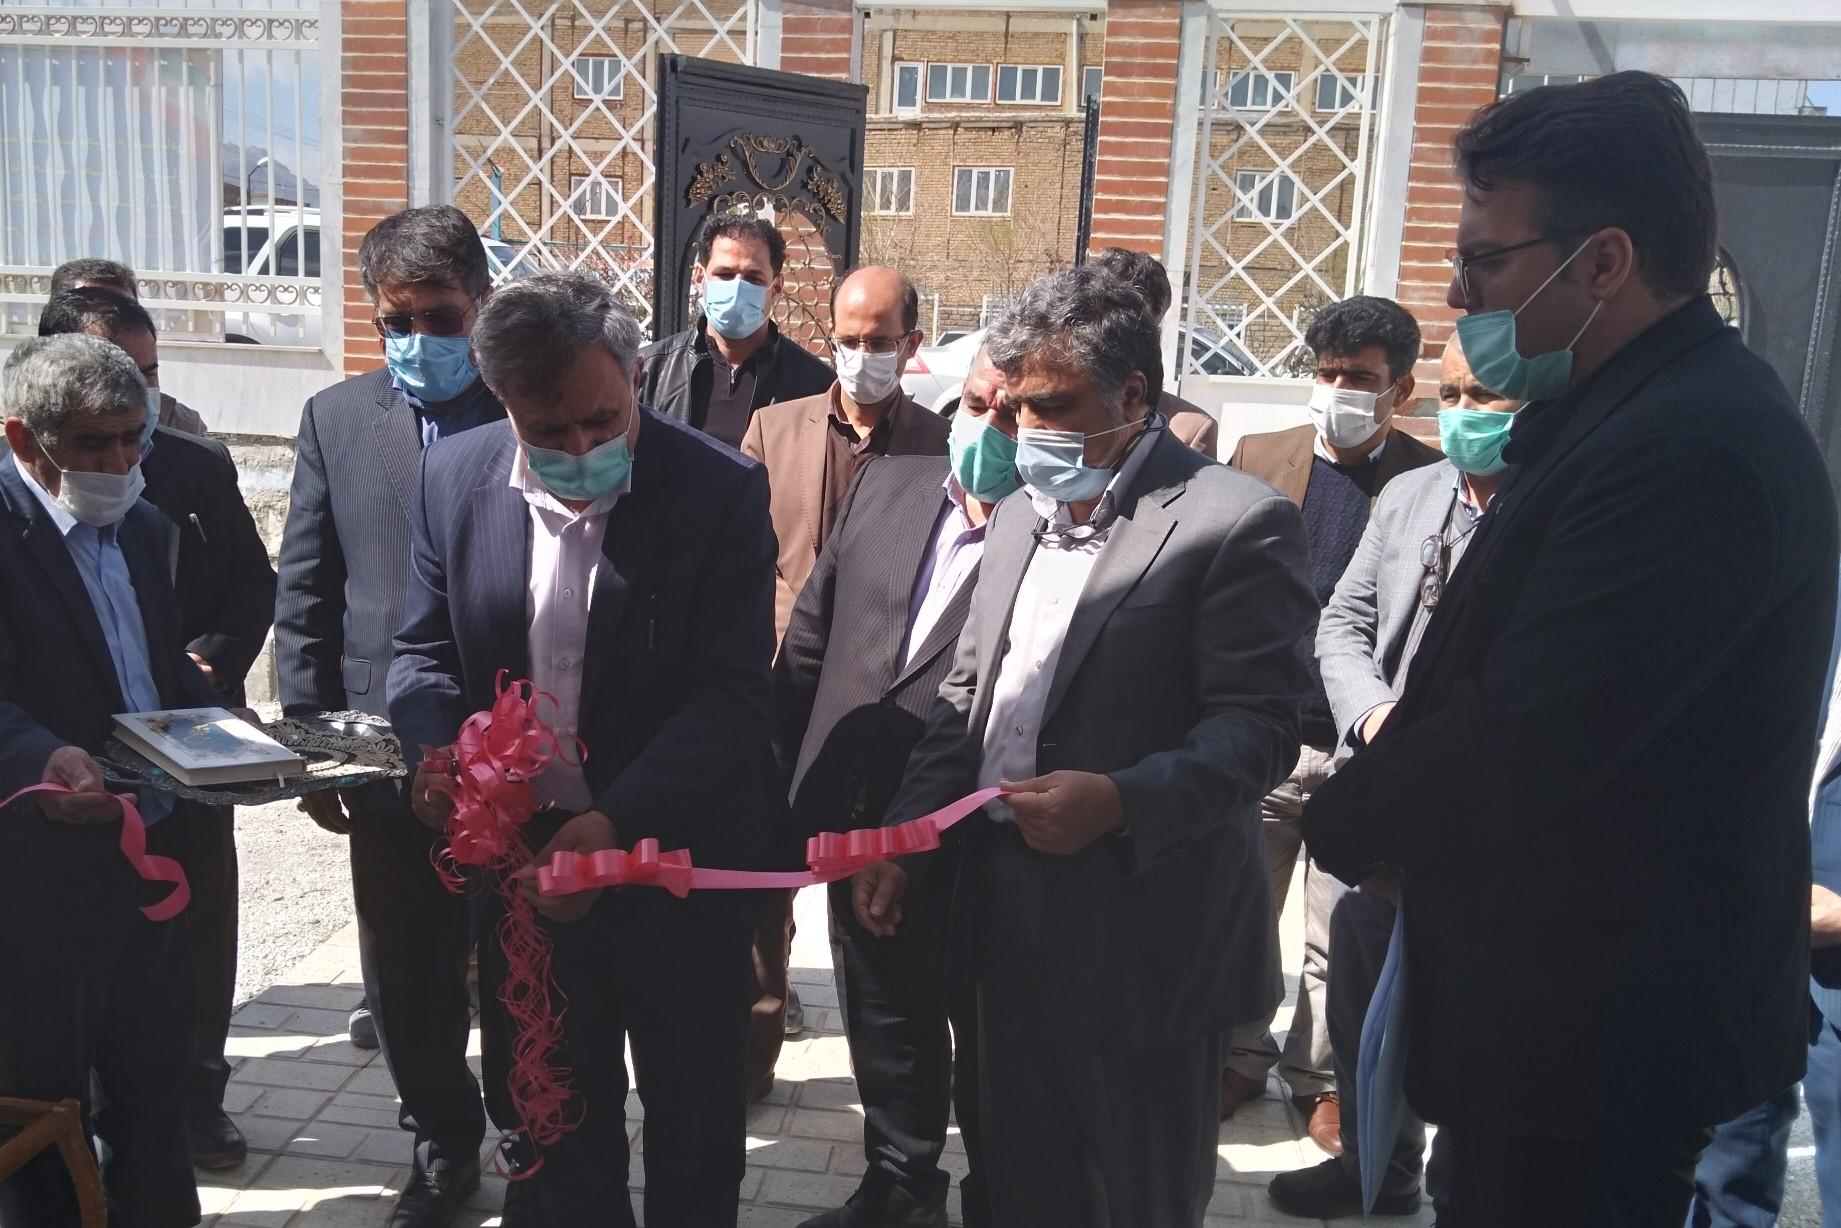 افتتاح سالن جدید بنیاد مسکن انقلاب اسلامی دورود